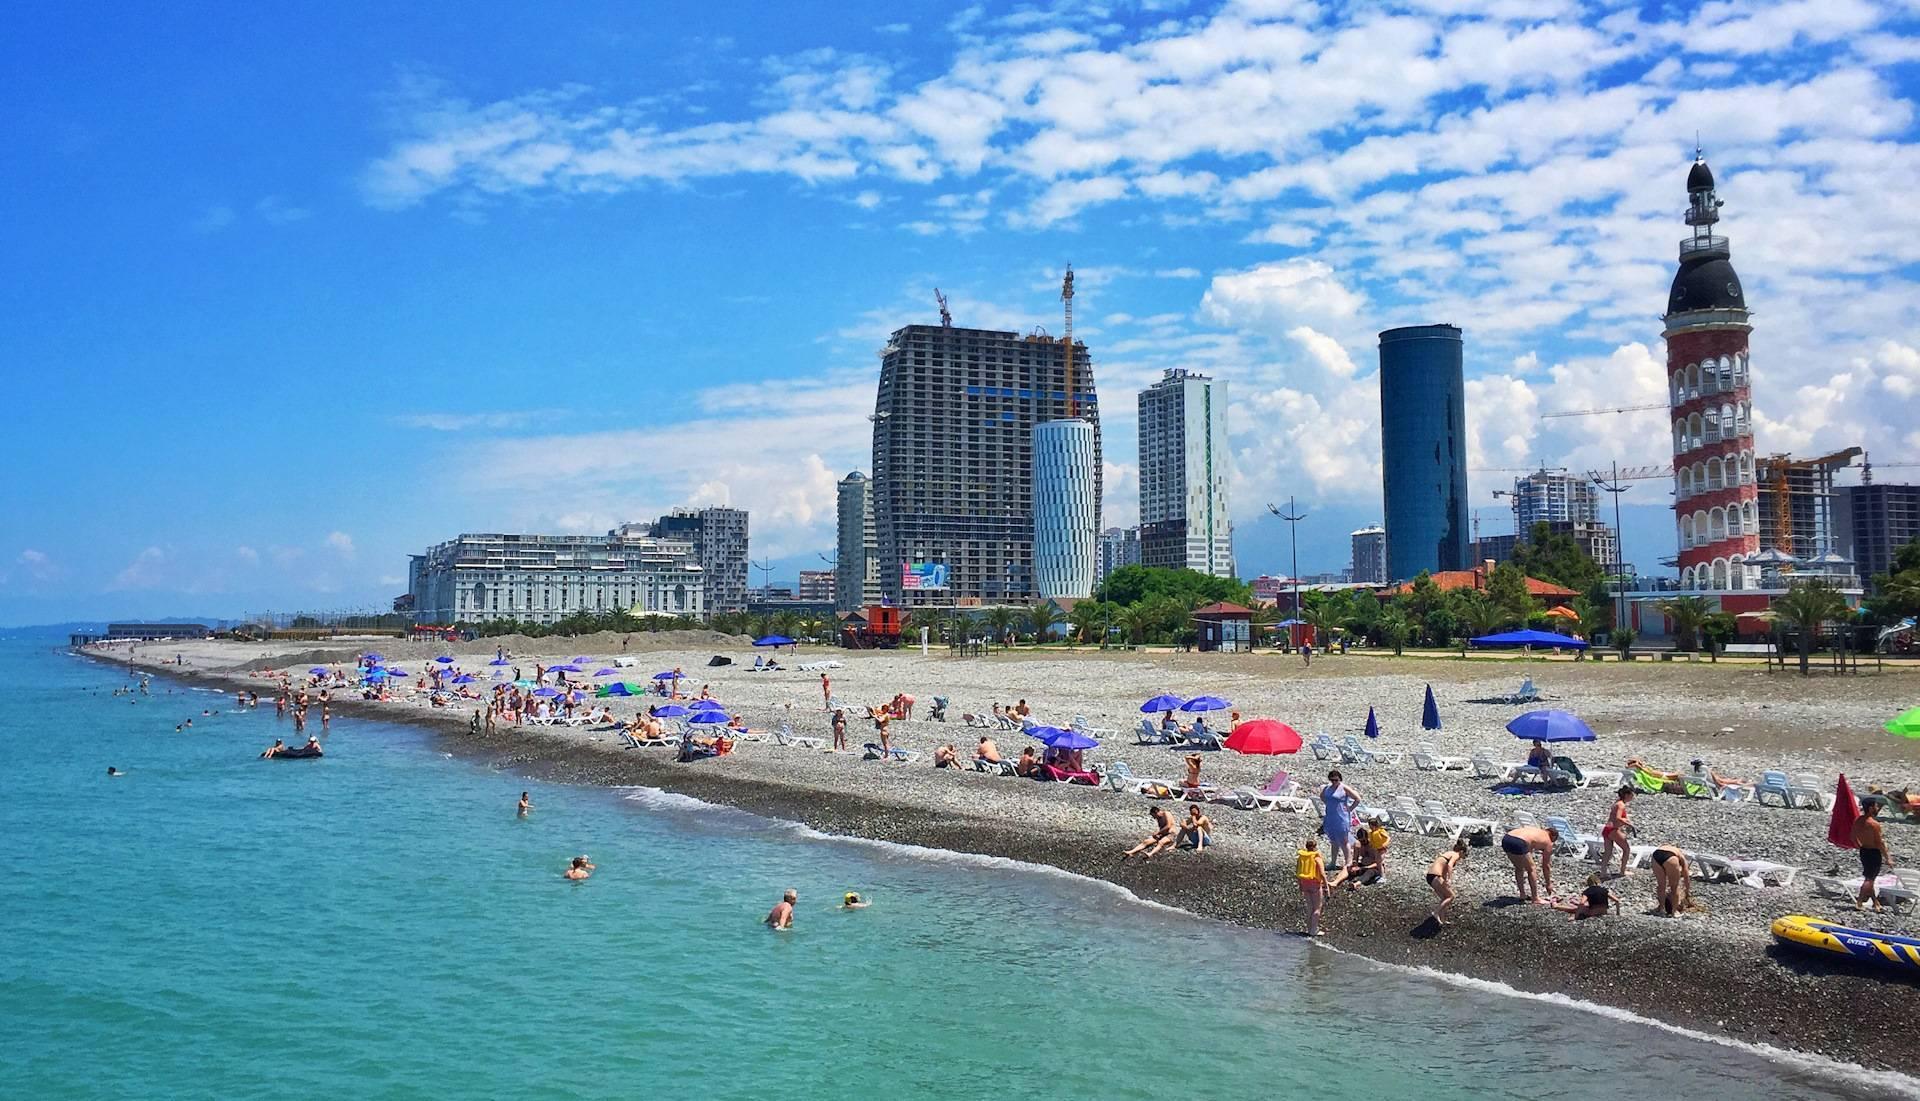 Море в грузии: какое у него название, есть ли курорты, где находятся самые чистые пляжи?